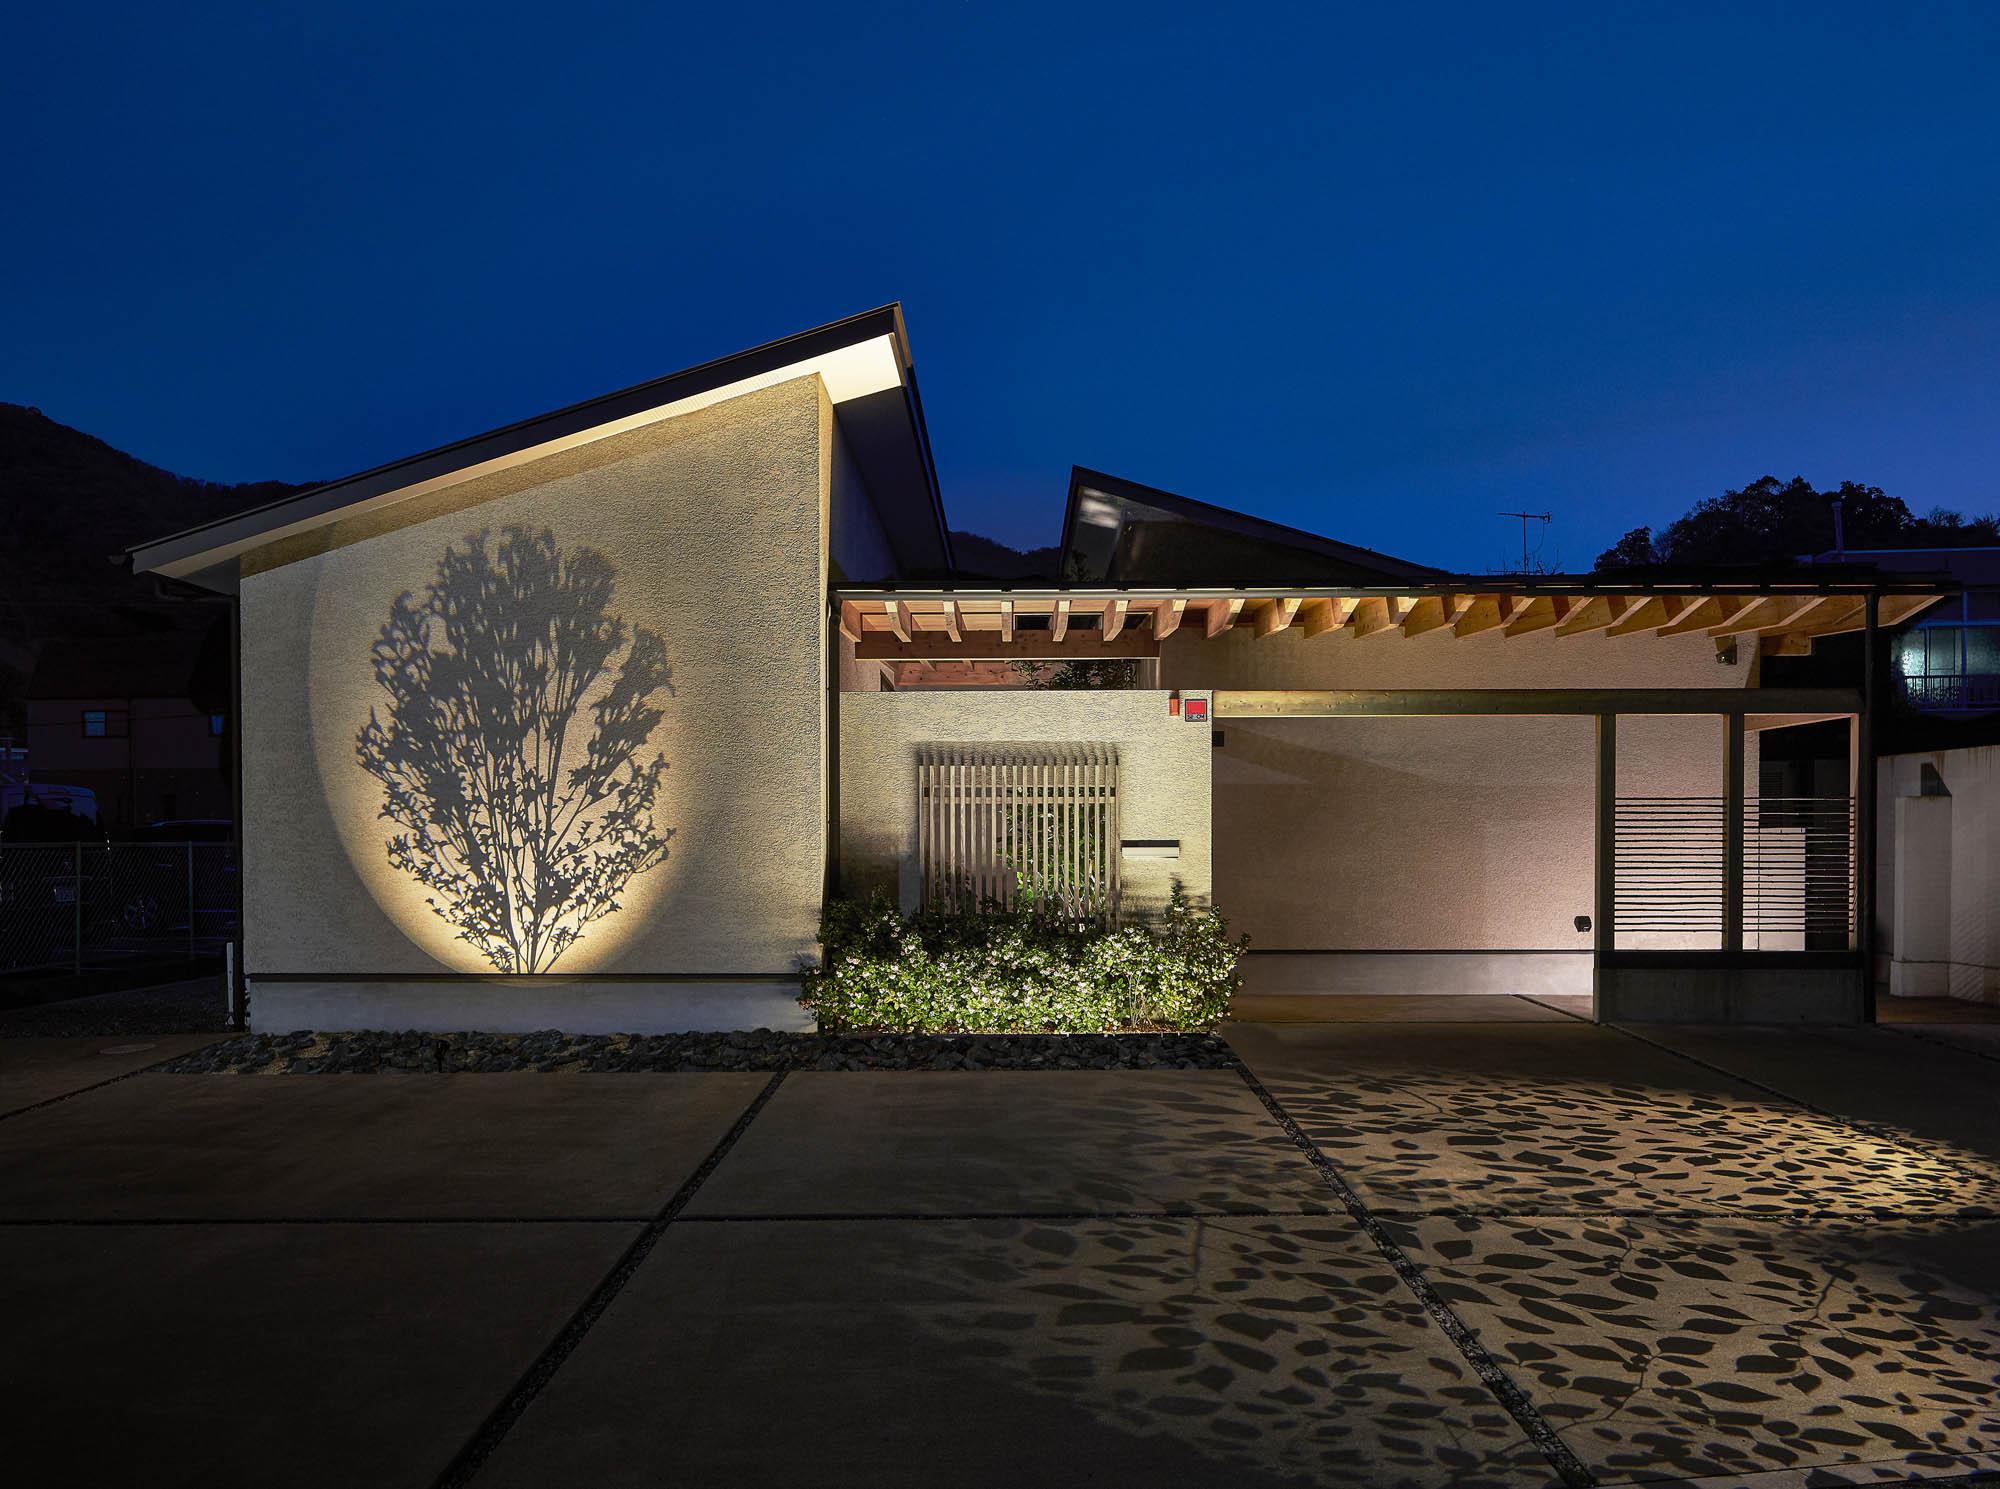 グラフィックスポットライトで、住宅の壁面と床面に模様を投影している様子